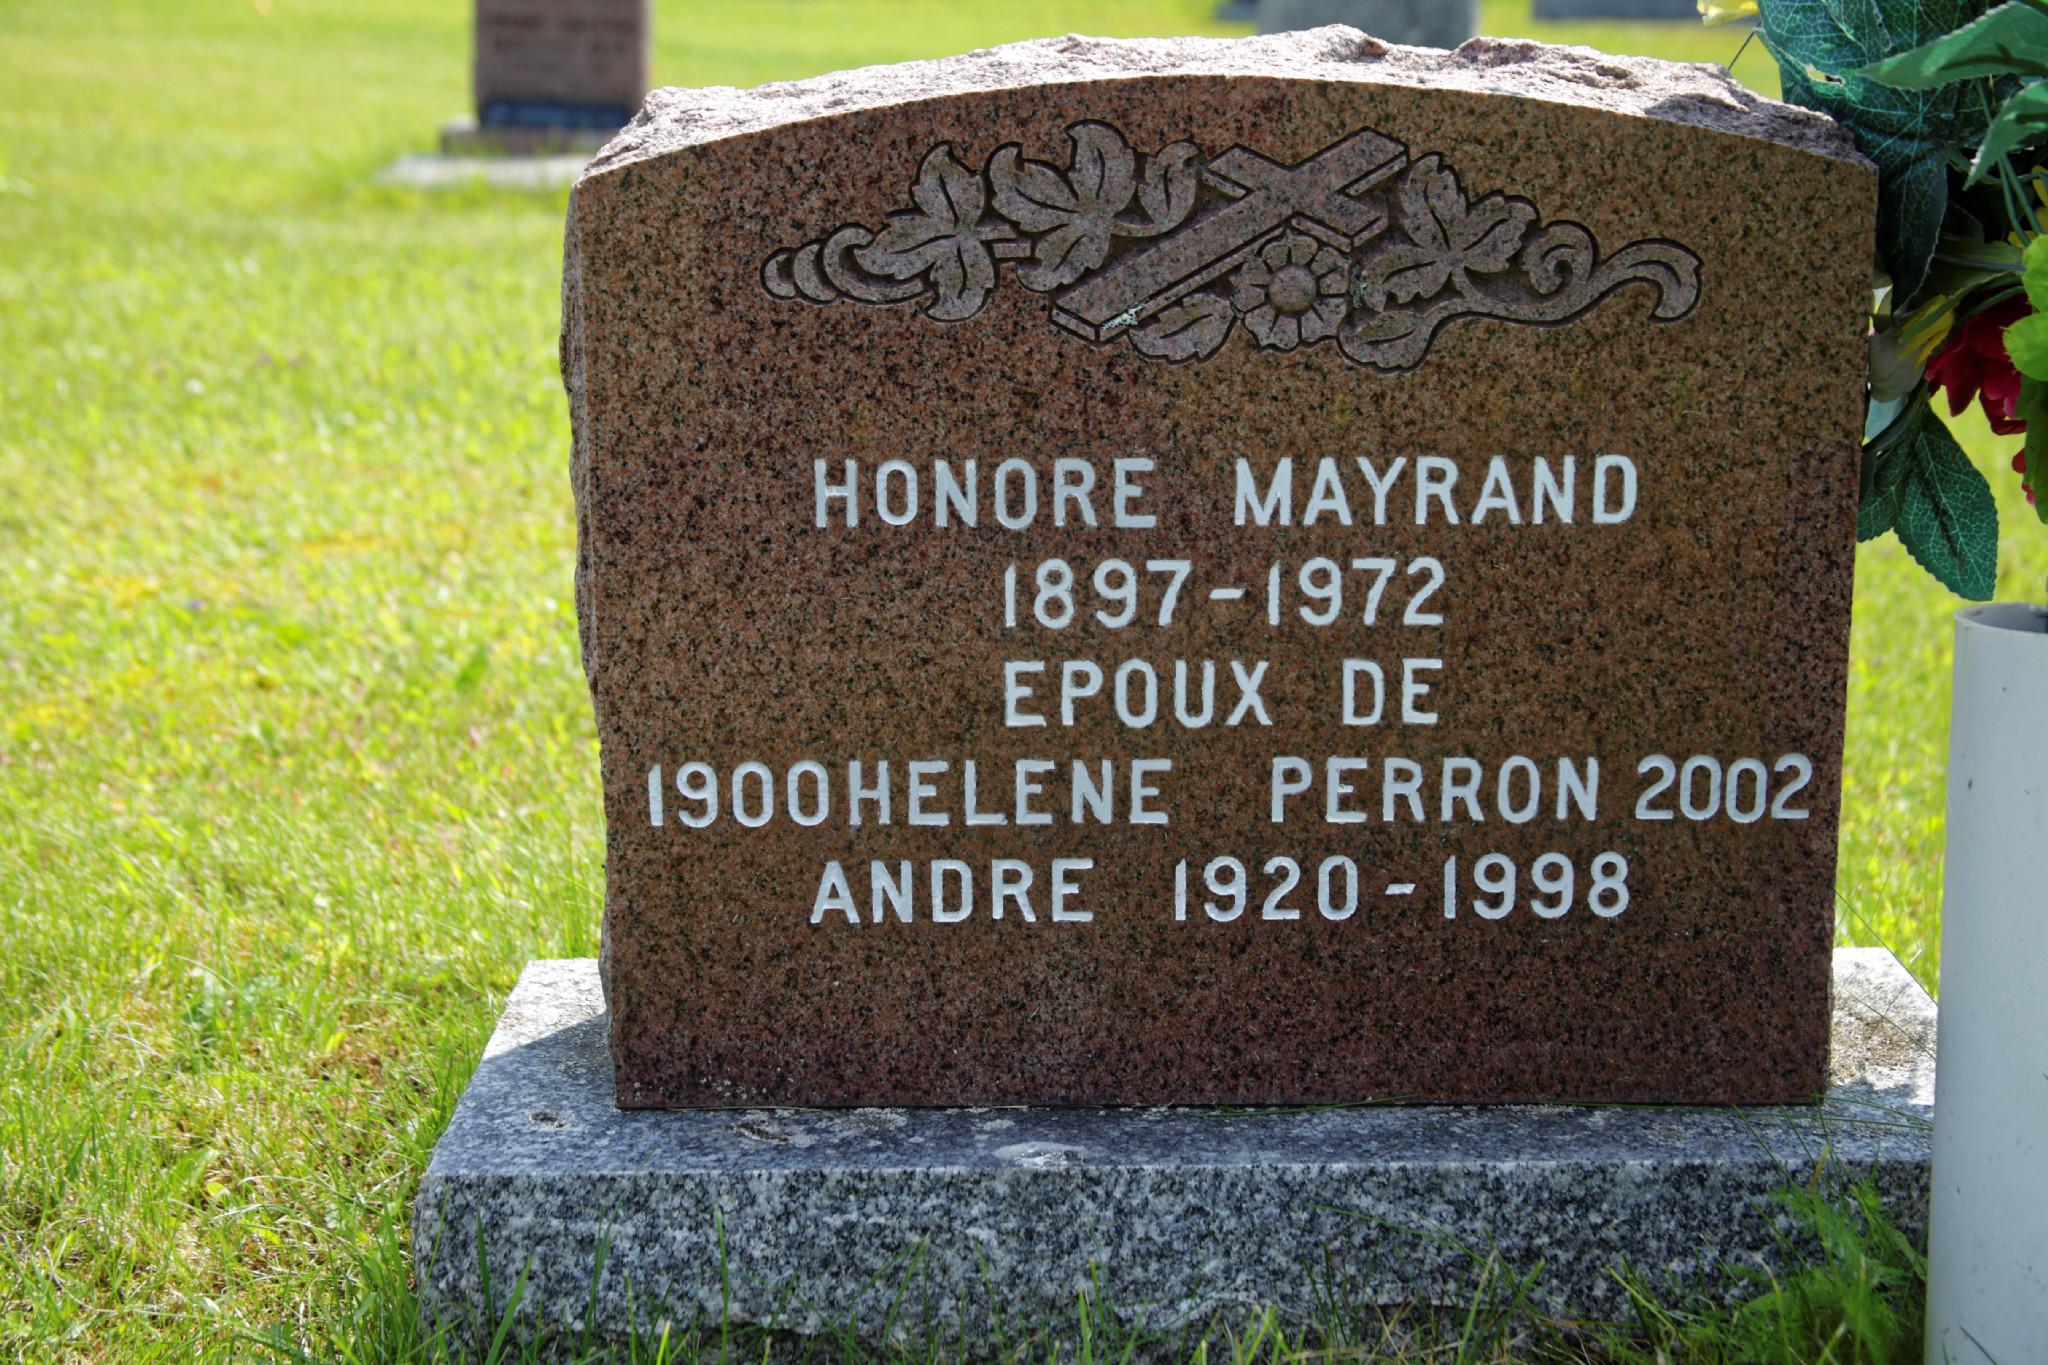 Honoré Mayrand